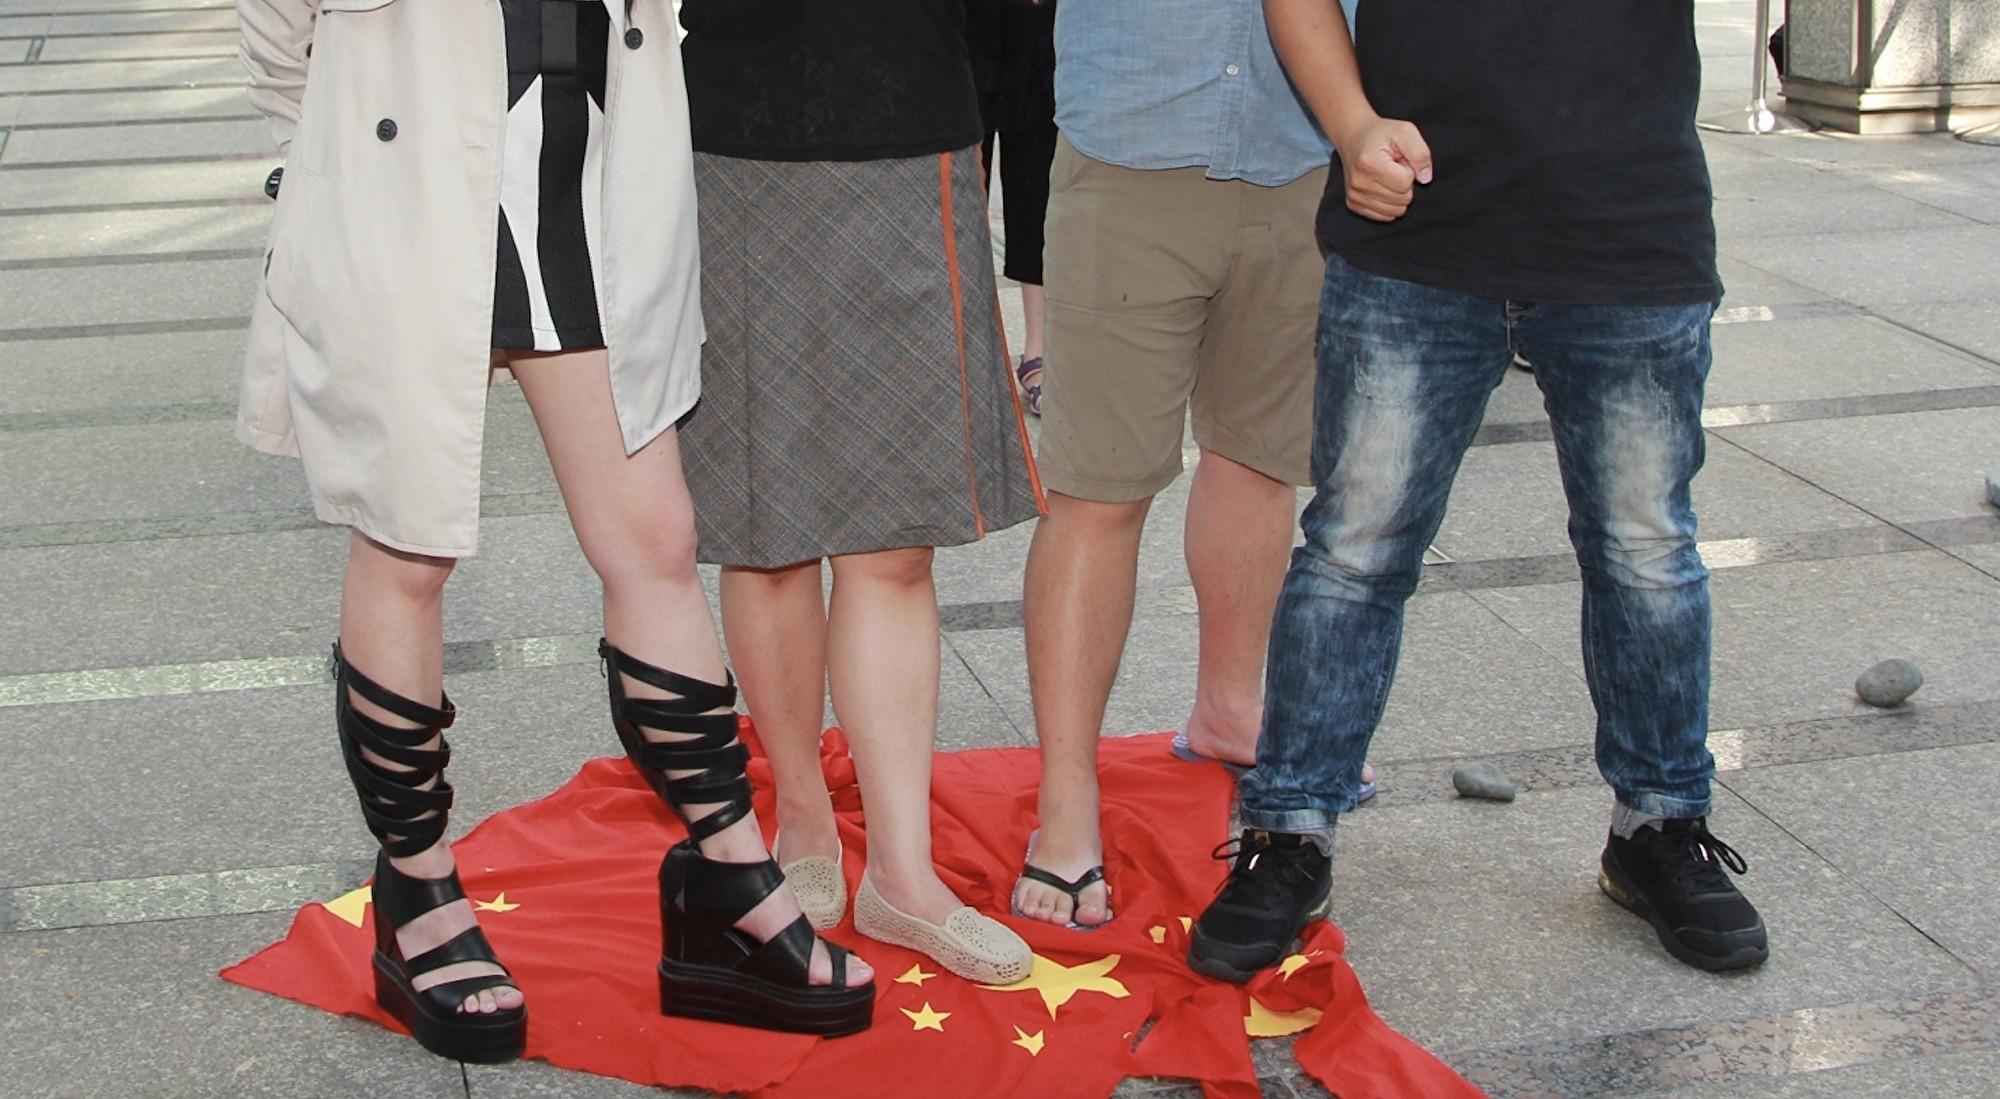 國際多次提醒中共意圖干預台灣的大選,中共國台辦卻稱「我們從來都不介入台灣地區選舉」。圖為台聯以撕毀、踩踏中國五星旗的方式,抗議中共對香港的暴行。 (台聯提供)